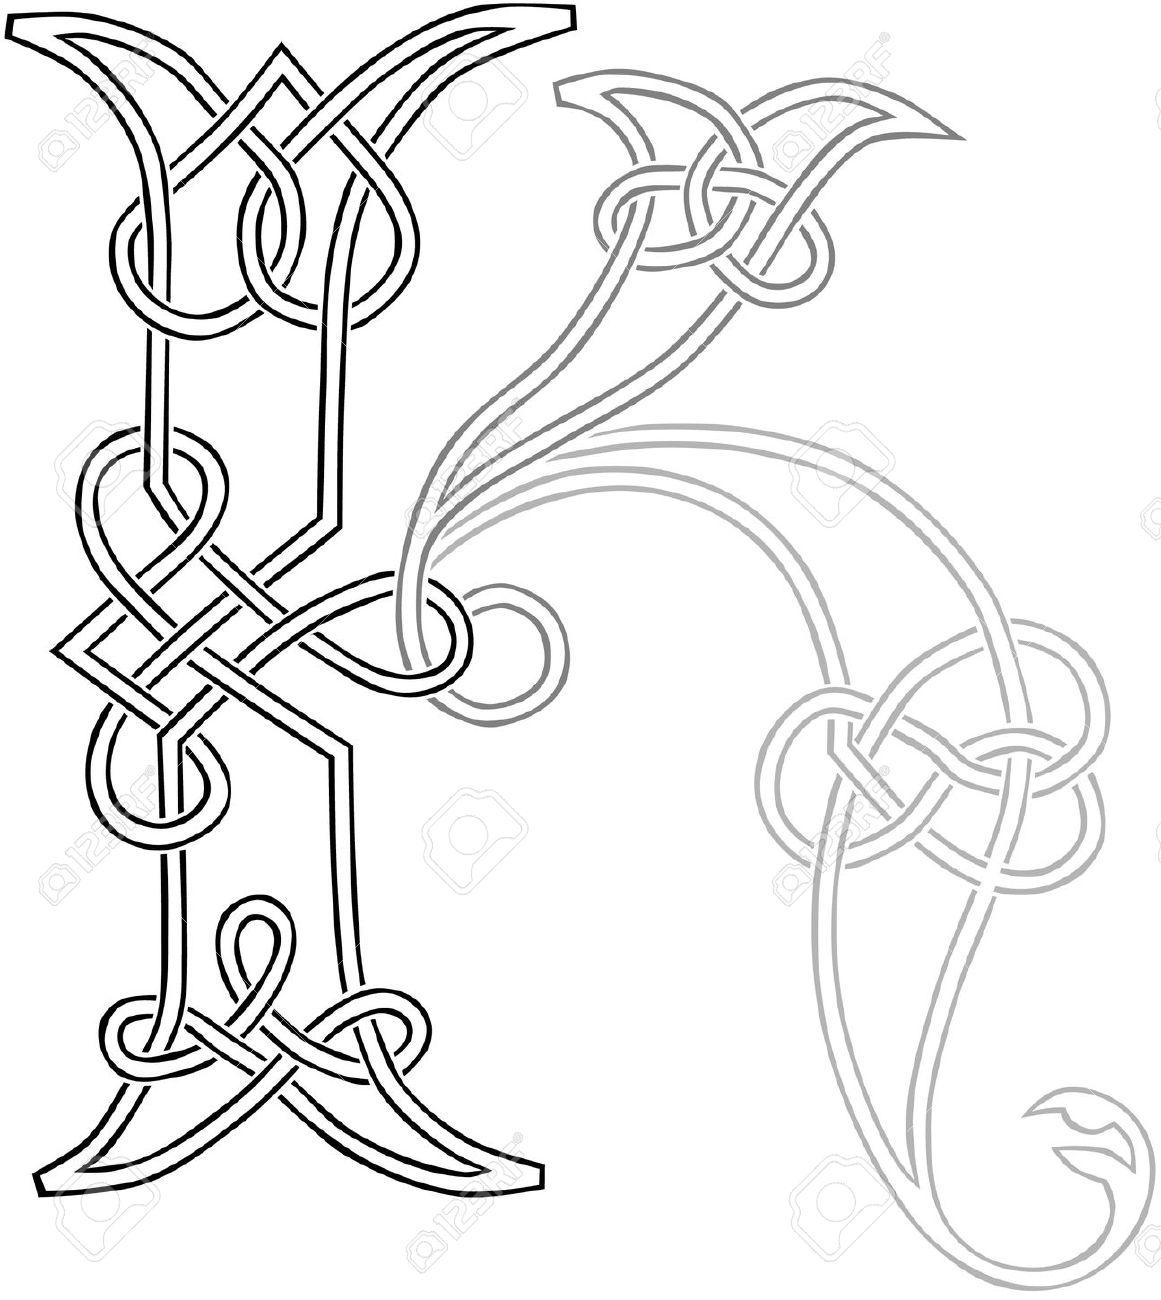 A Celtic Knot.